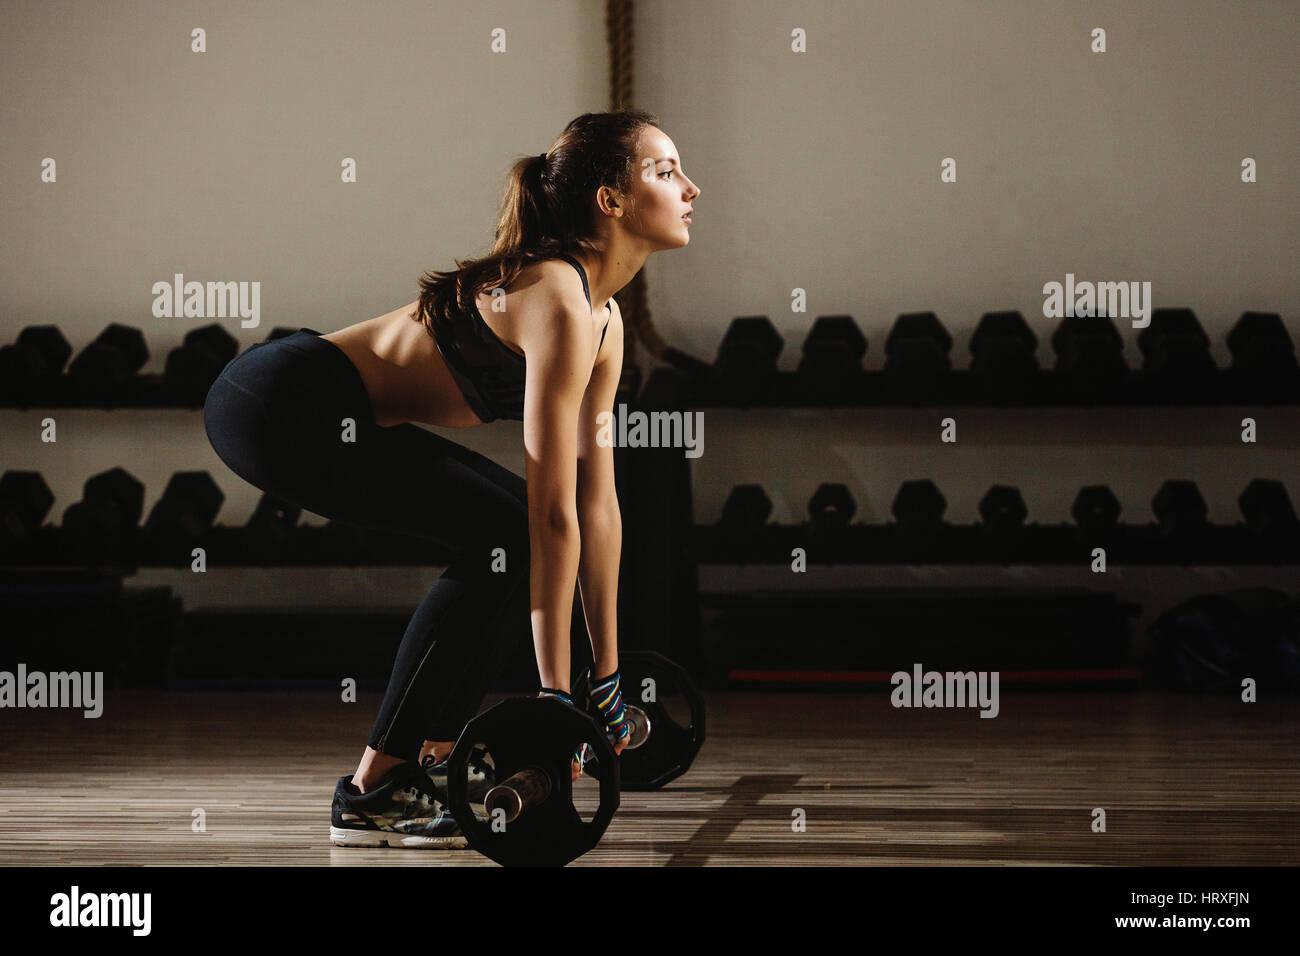 Donna fitness pesi deadlift. Modello di fitness girl il sollevamento pesi in palestra. Immagini Stock